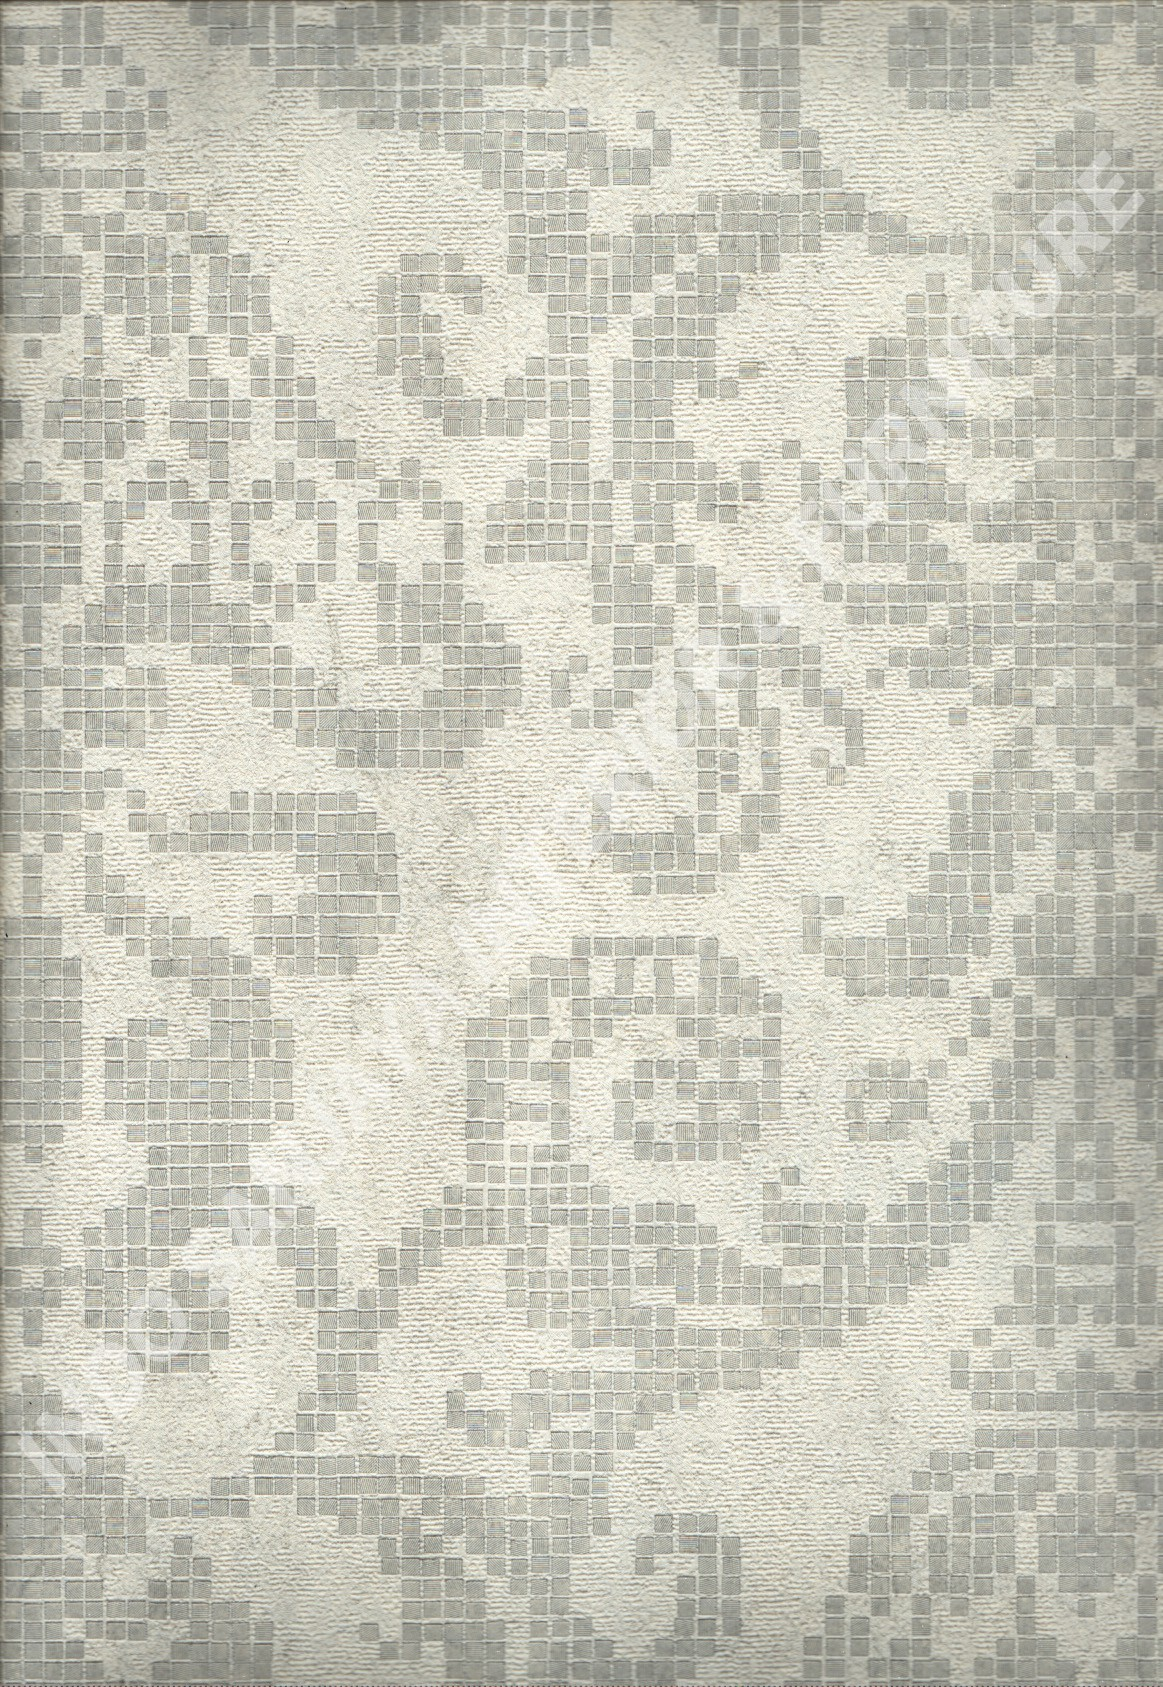 wallpaper MOKO:3026 corak Bunga ,Klasik / Batik (Damask) warna Abu-Abu ,Cream